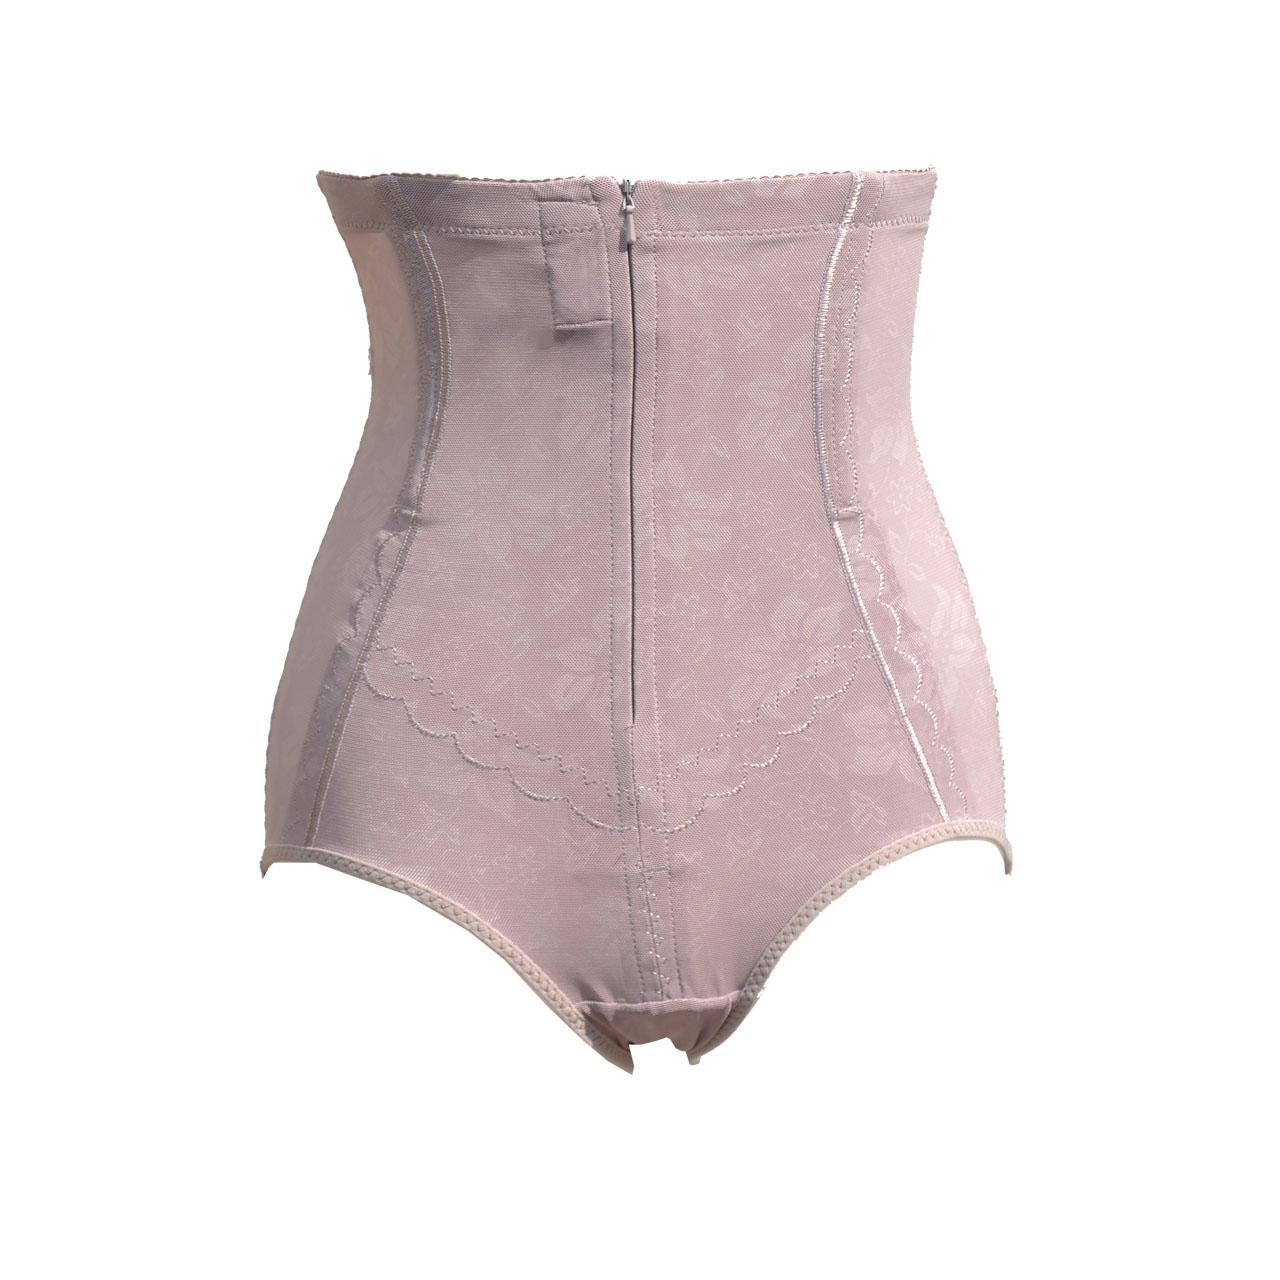 新品透气无痕亲肤拉链高腰塑身裤 超强透气舒适不卷边提臀收腹裤